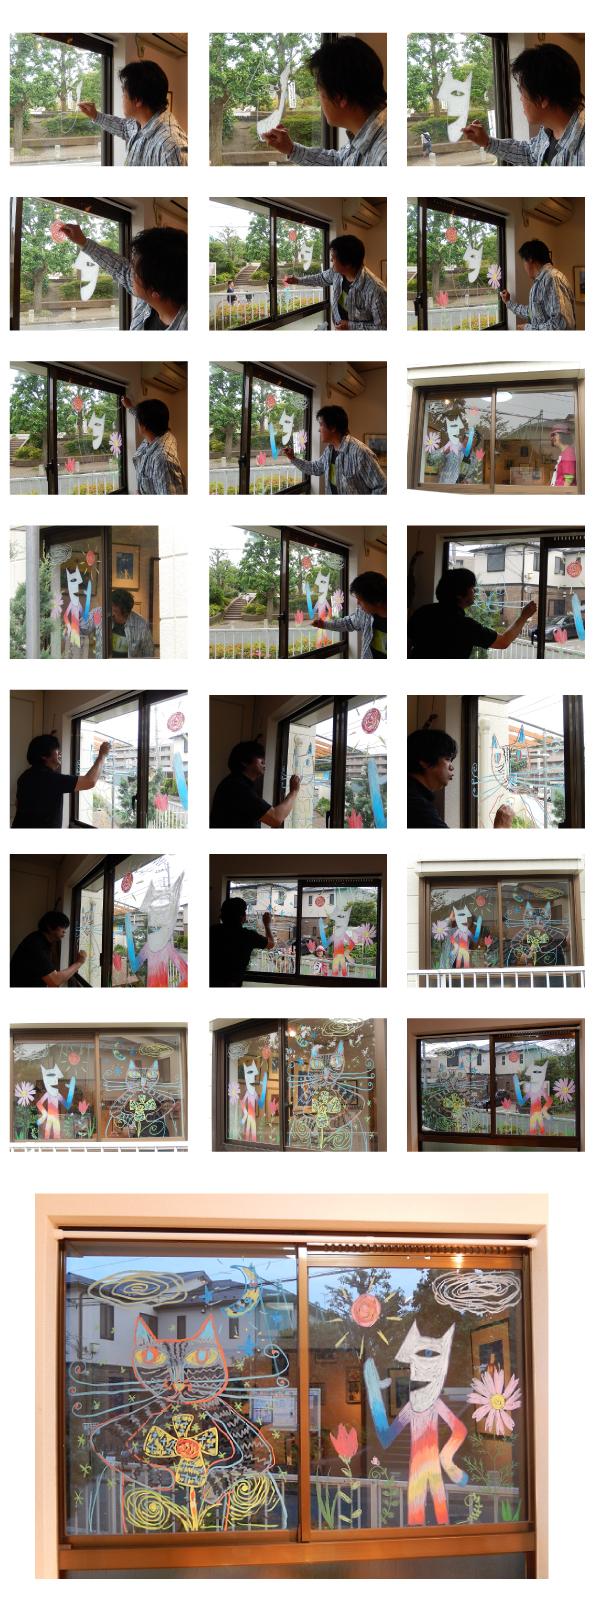 山口マオさん・奥勝實さんが二人展「奥ネコvsマオ猫」でキットパスライブペイント協演!!@アトリエ木里(2015年5月16日)